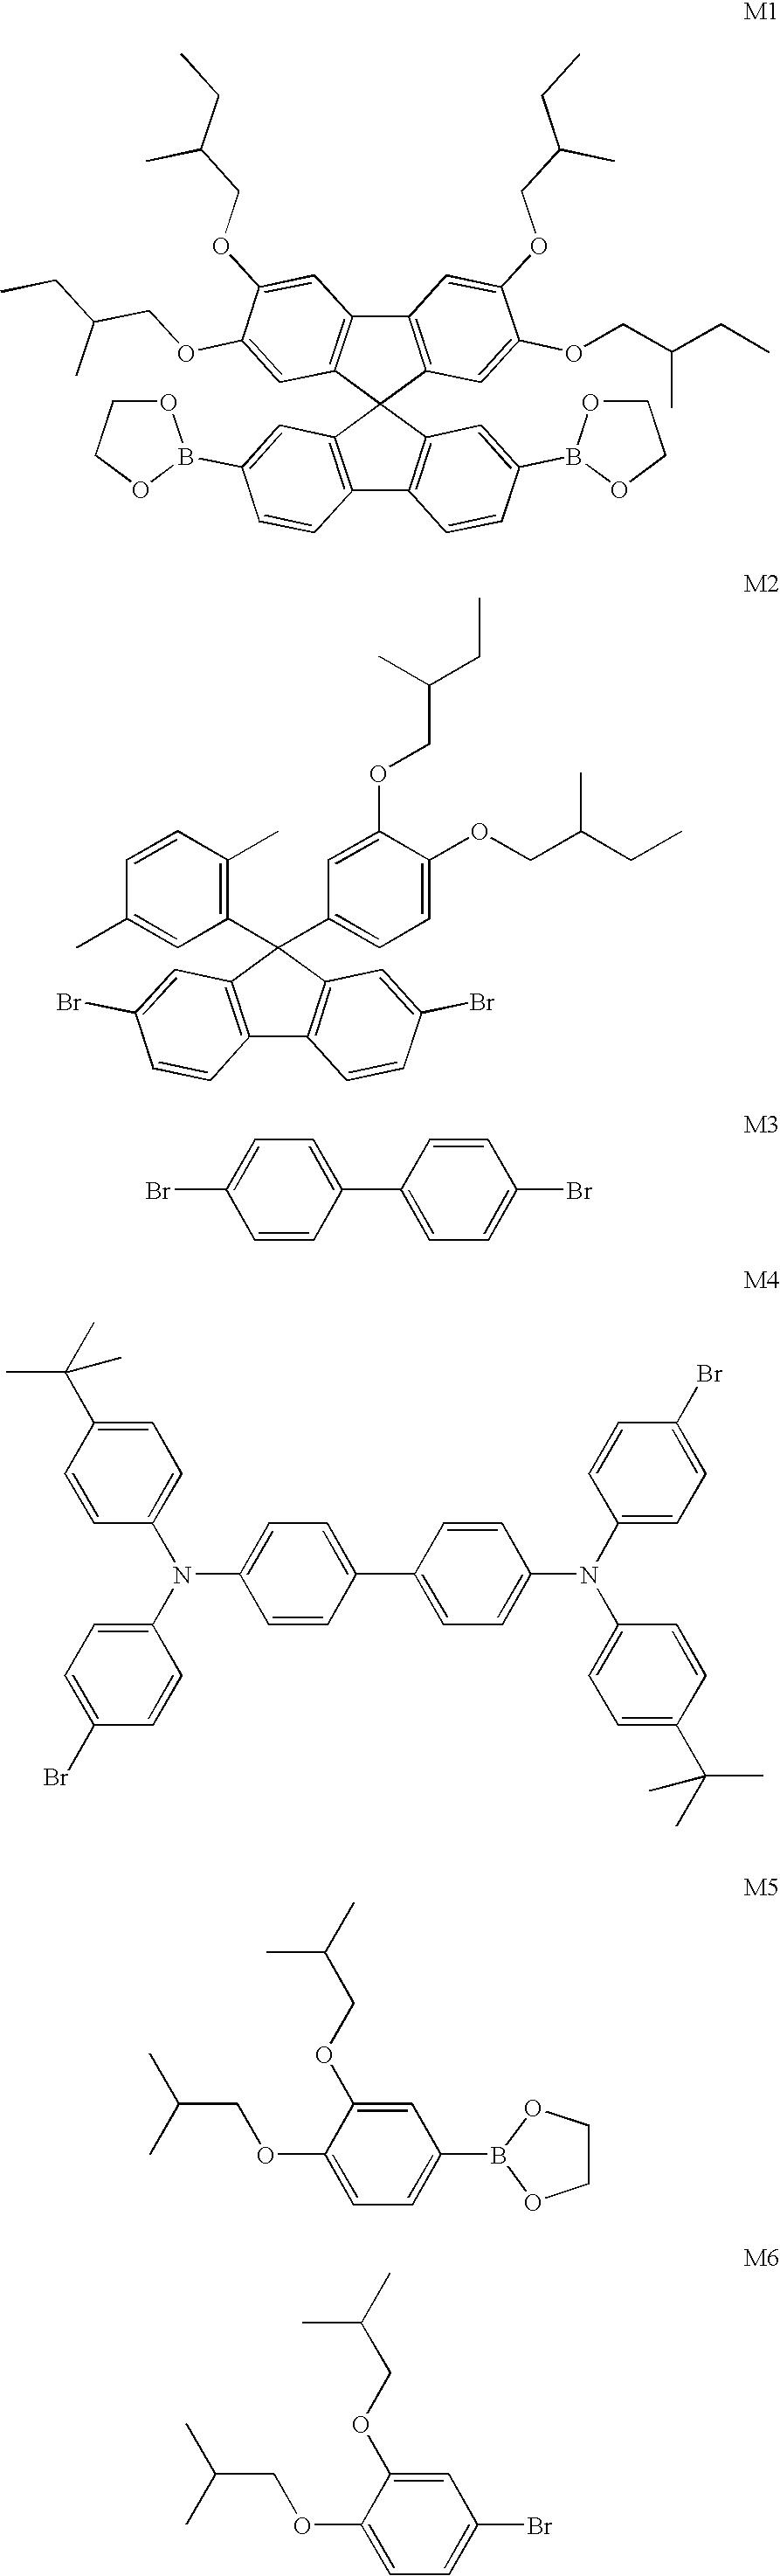 Figure US07820305-20101026-C00003